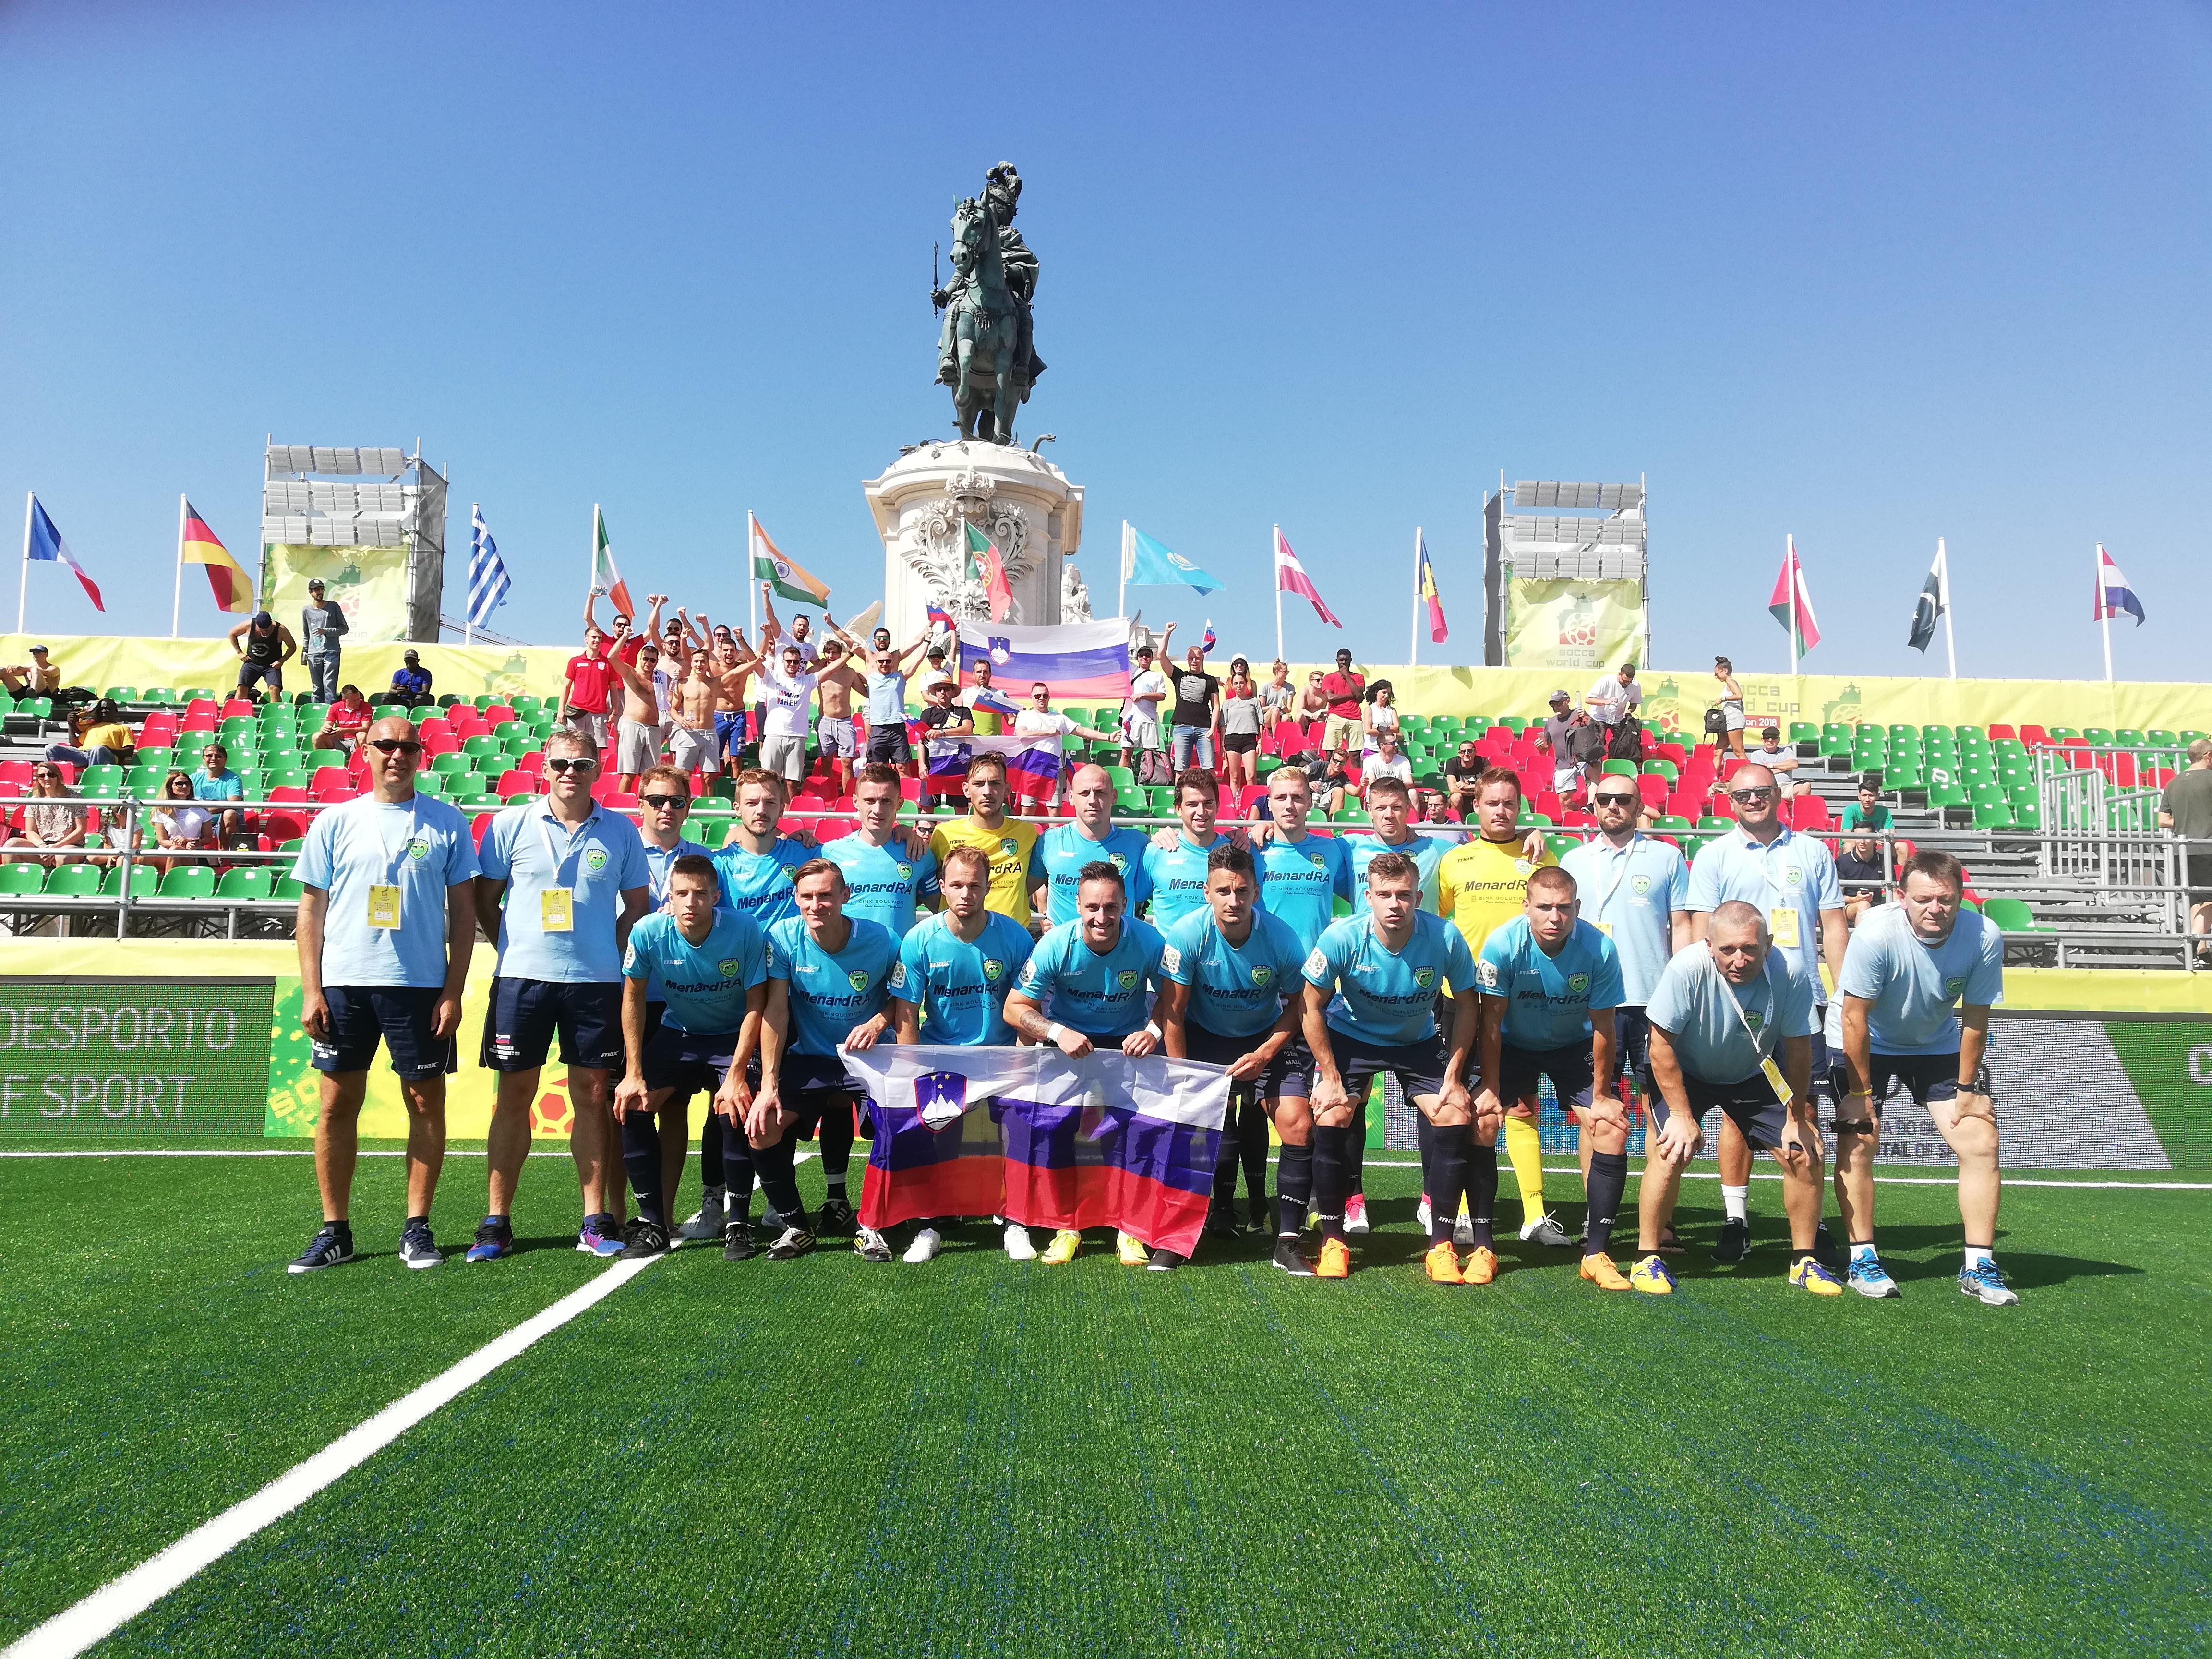 Slovenska malonogometna reprezentanca na svetovnem prvenstvu Socca World Cup 2018 na Portugalskem-SMZ